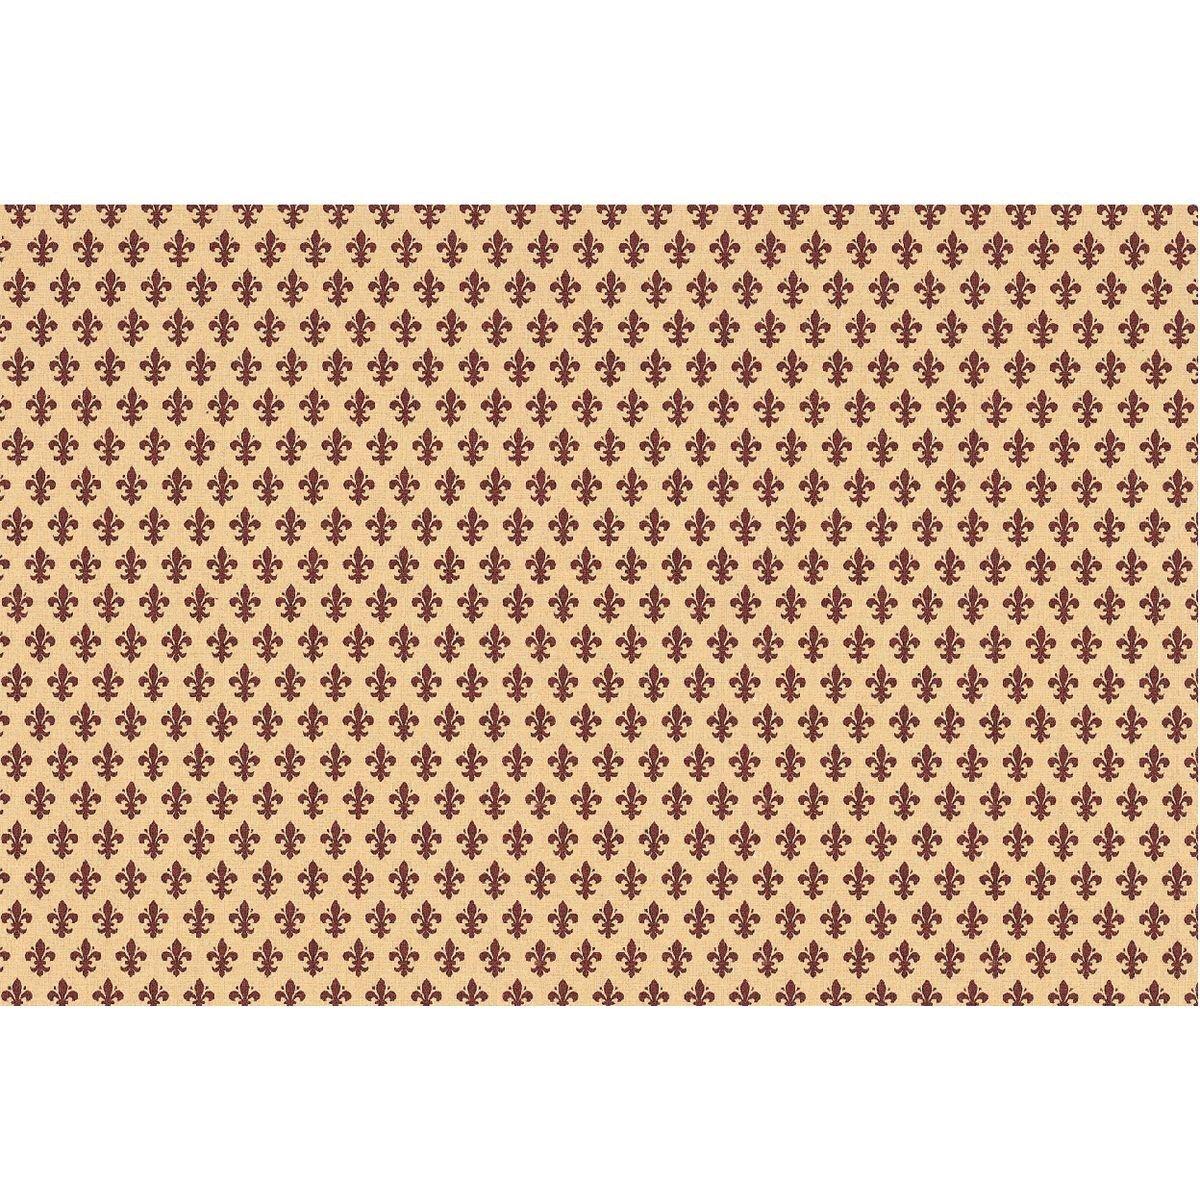 Pellicola adesiva giglio rosso 45 cm x 2 mt in vinile - Carta adesiva per mobili bambini ...